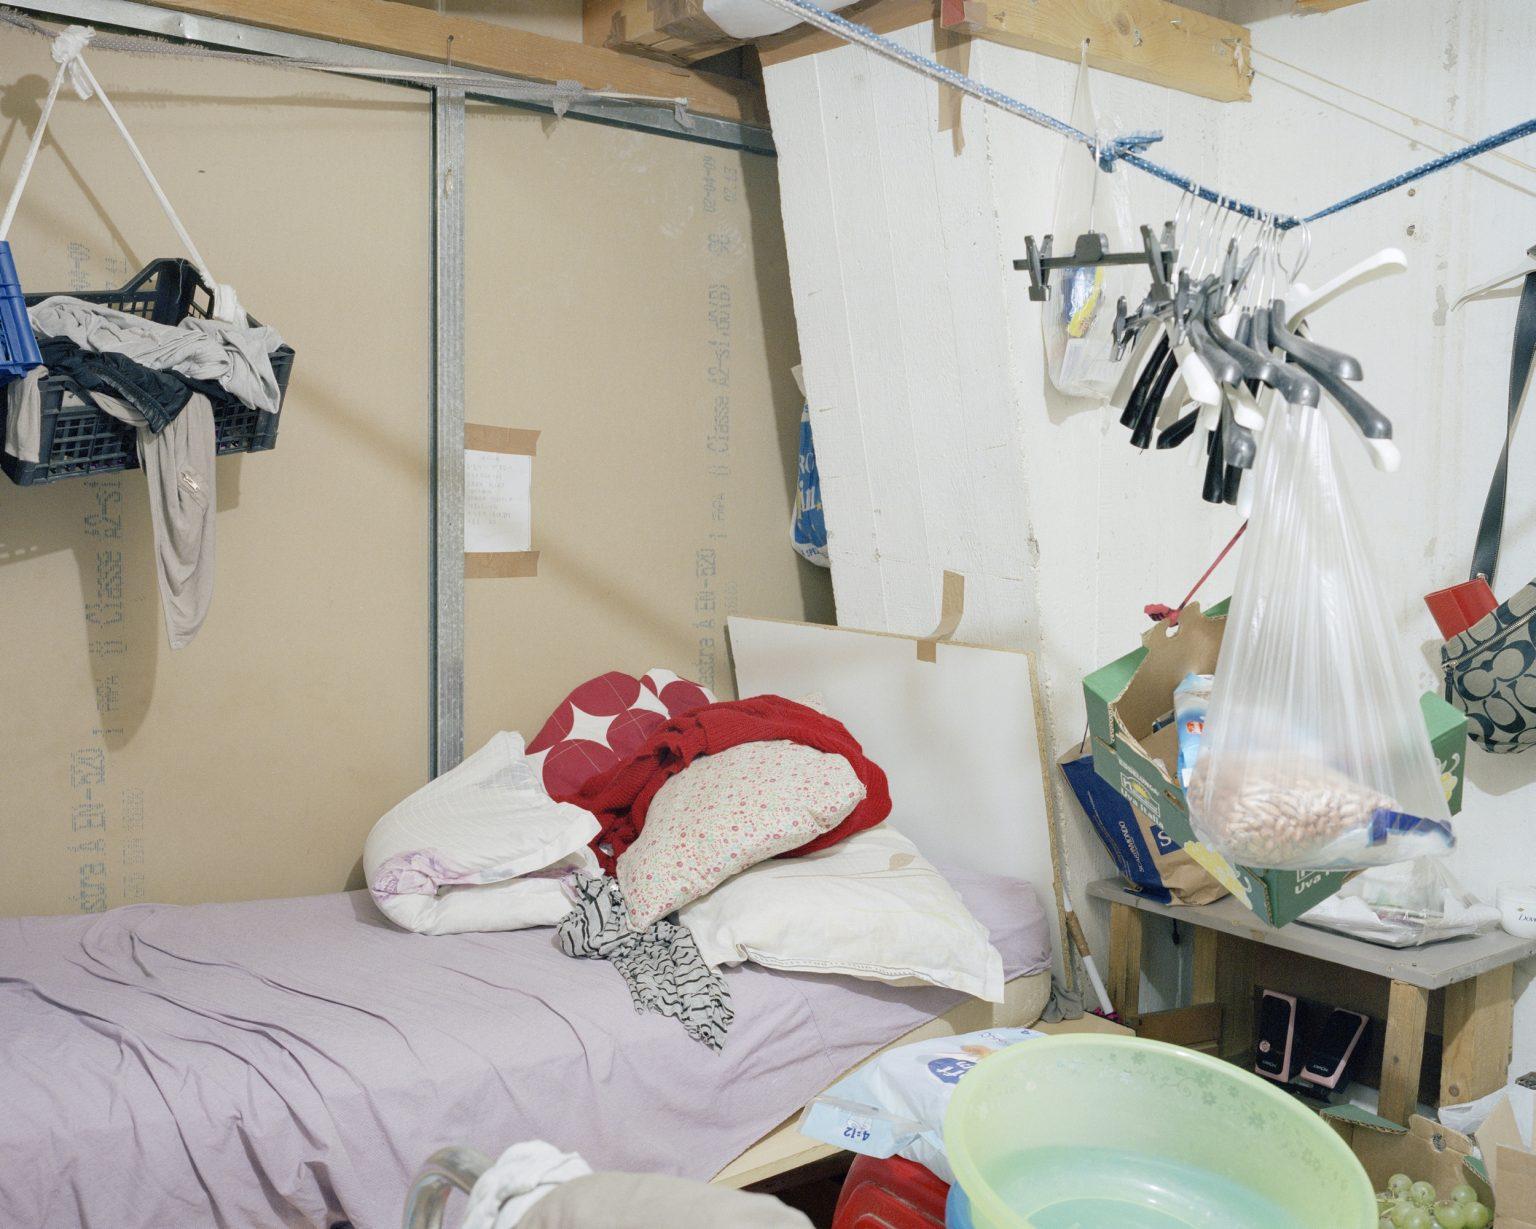 Textyle district, Prato. Dormitory in a Chinese textile workshop seized by the Municipal Police. >< Distretto tessile del Macrolotto, Prato. Dormitorio in un laboratorio tessile cinese posto sotto sequestro dalla Polizia Municipale di Prato.